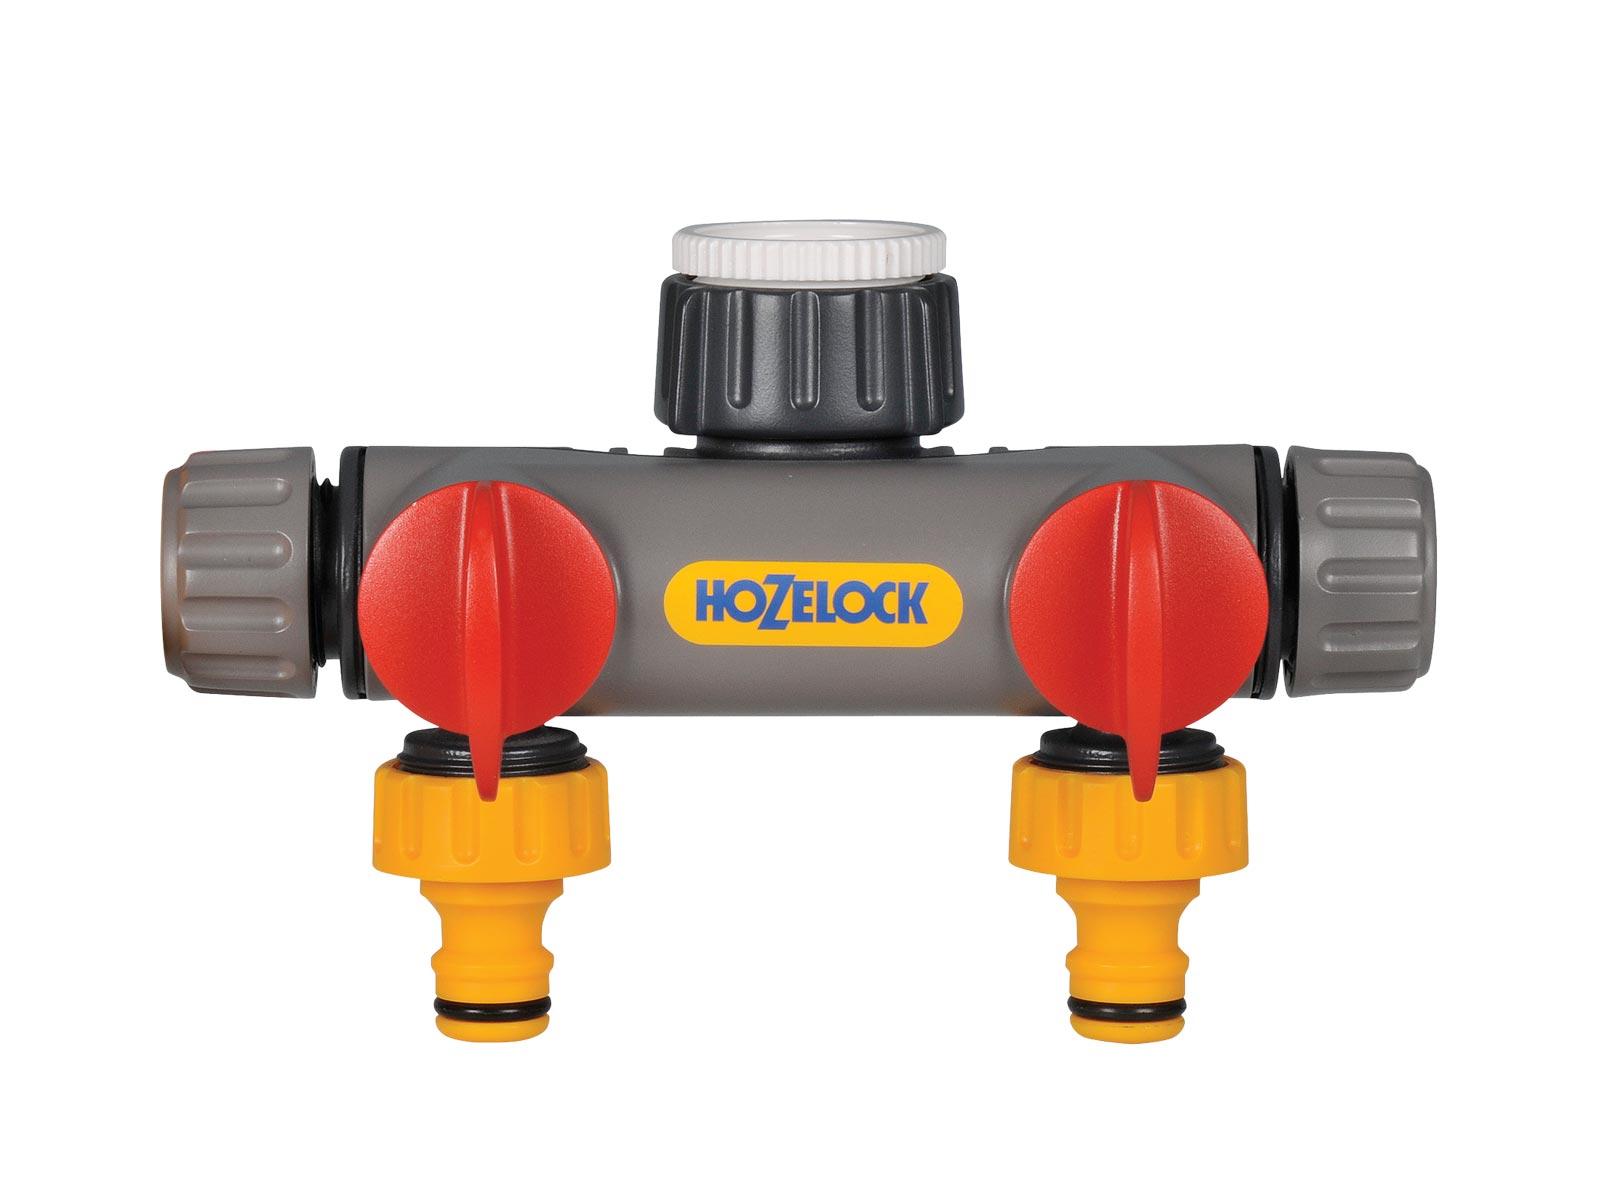 Фото - Коннектор шланга Hozelock 2252 разделитель потоков 2х канальный, серый, желтый, красный, белый коннектор двойной для крана hozelock 22560000